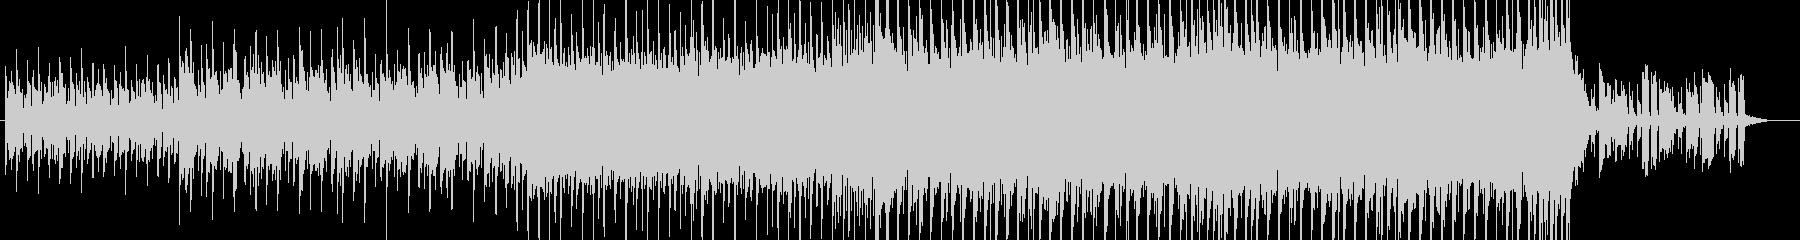 テンションの上がるエレクトロなテクノ曲の未再生の波形